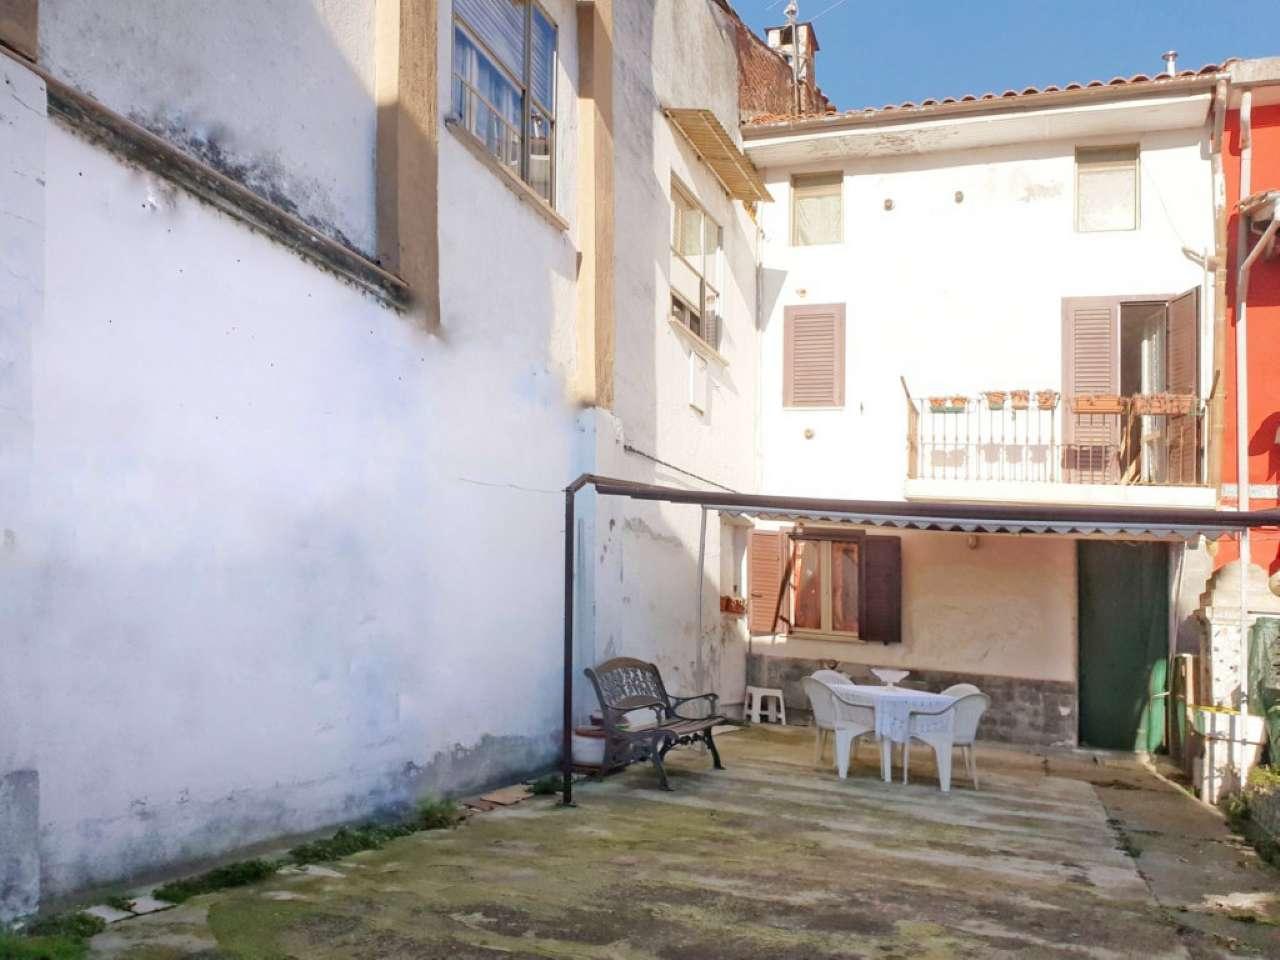 Soluzione Indipendente in vendita a Palazzolo Vercellese, 5 locali, prezzo € 19.000   PortaleAgenzieImmobiliari.it